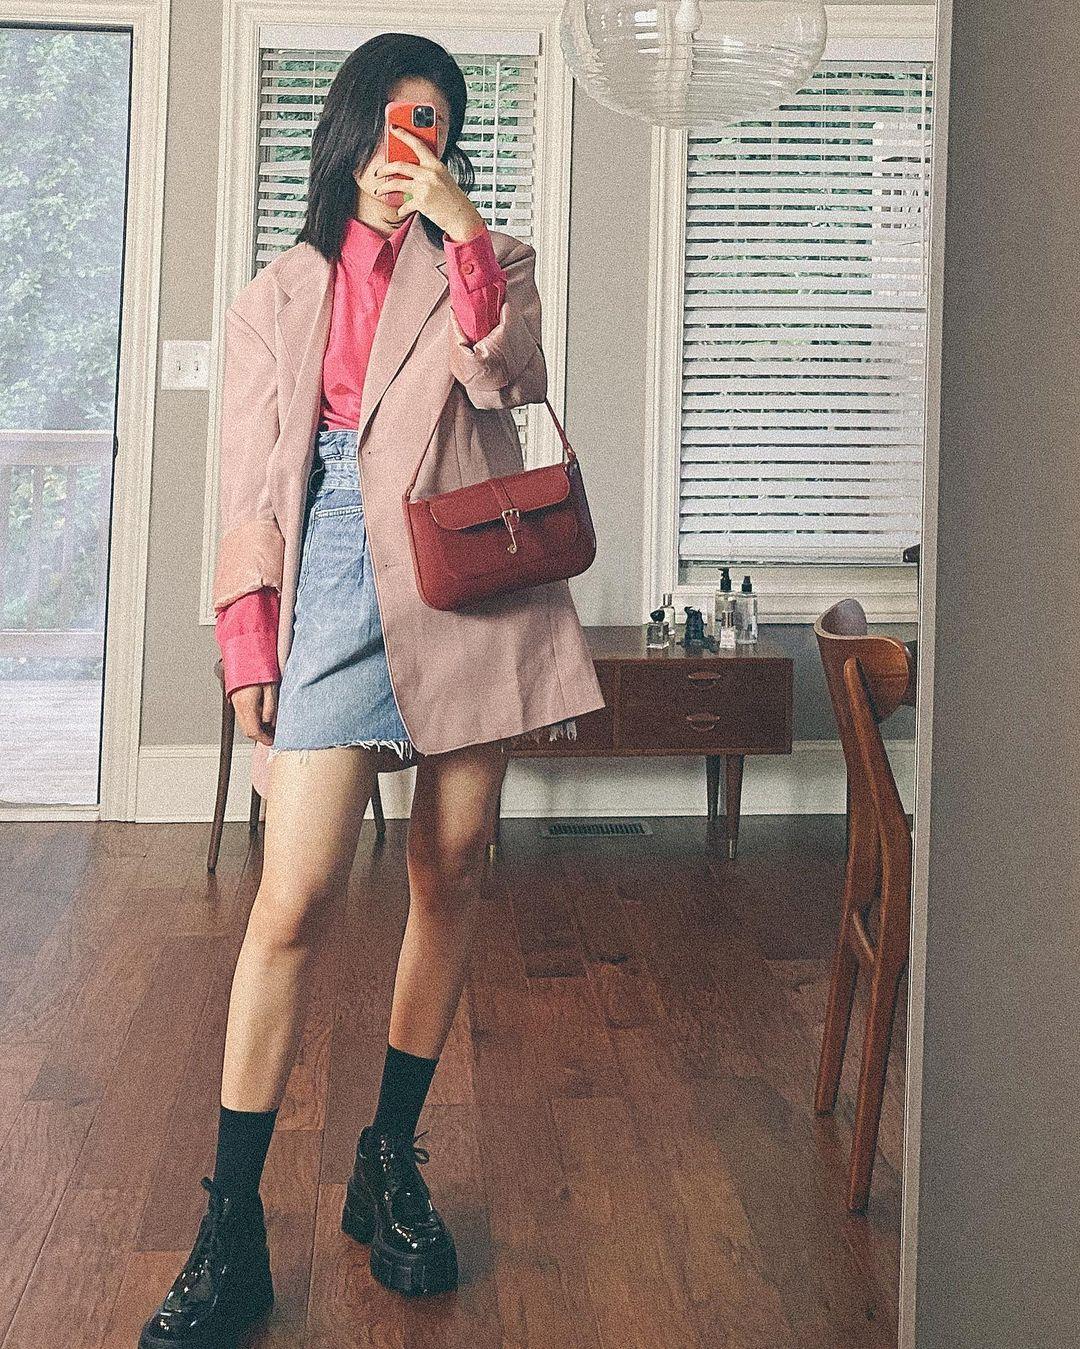 Mix & Phối - Diện chân váy dài mãi chán rồi, Tết đến chị em hãy sắm 5 kiểu chân váy ngắn này cho trẻ trung và tôn dáng - chanvaydep.net 2